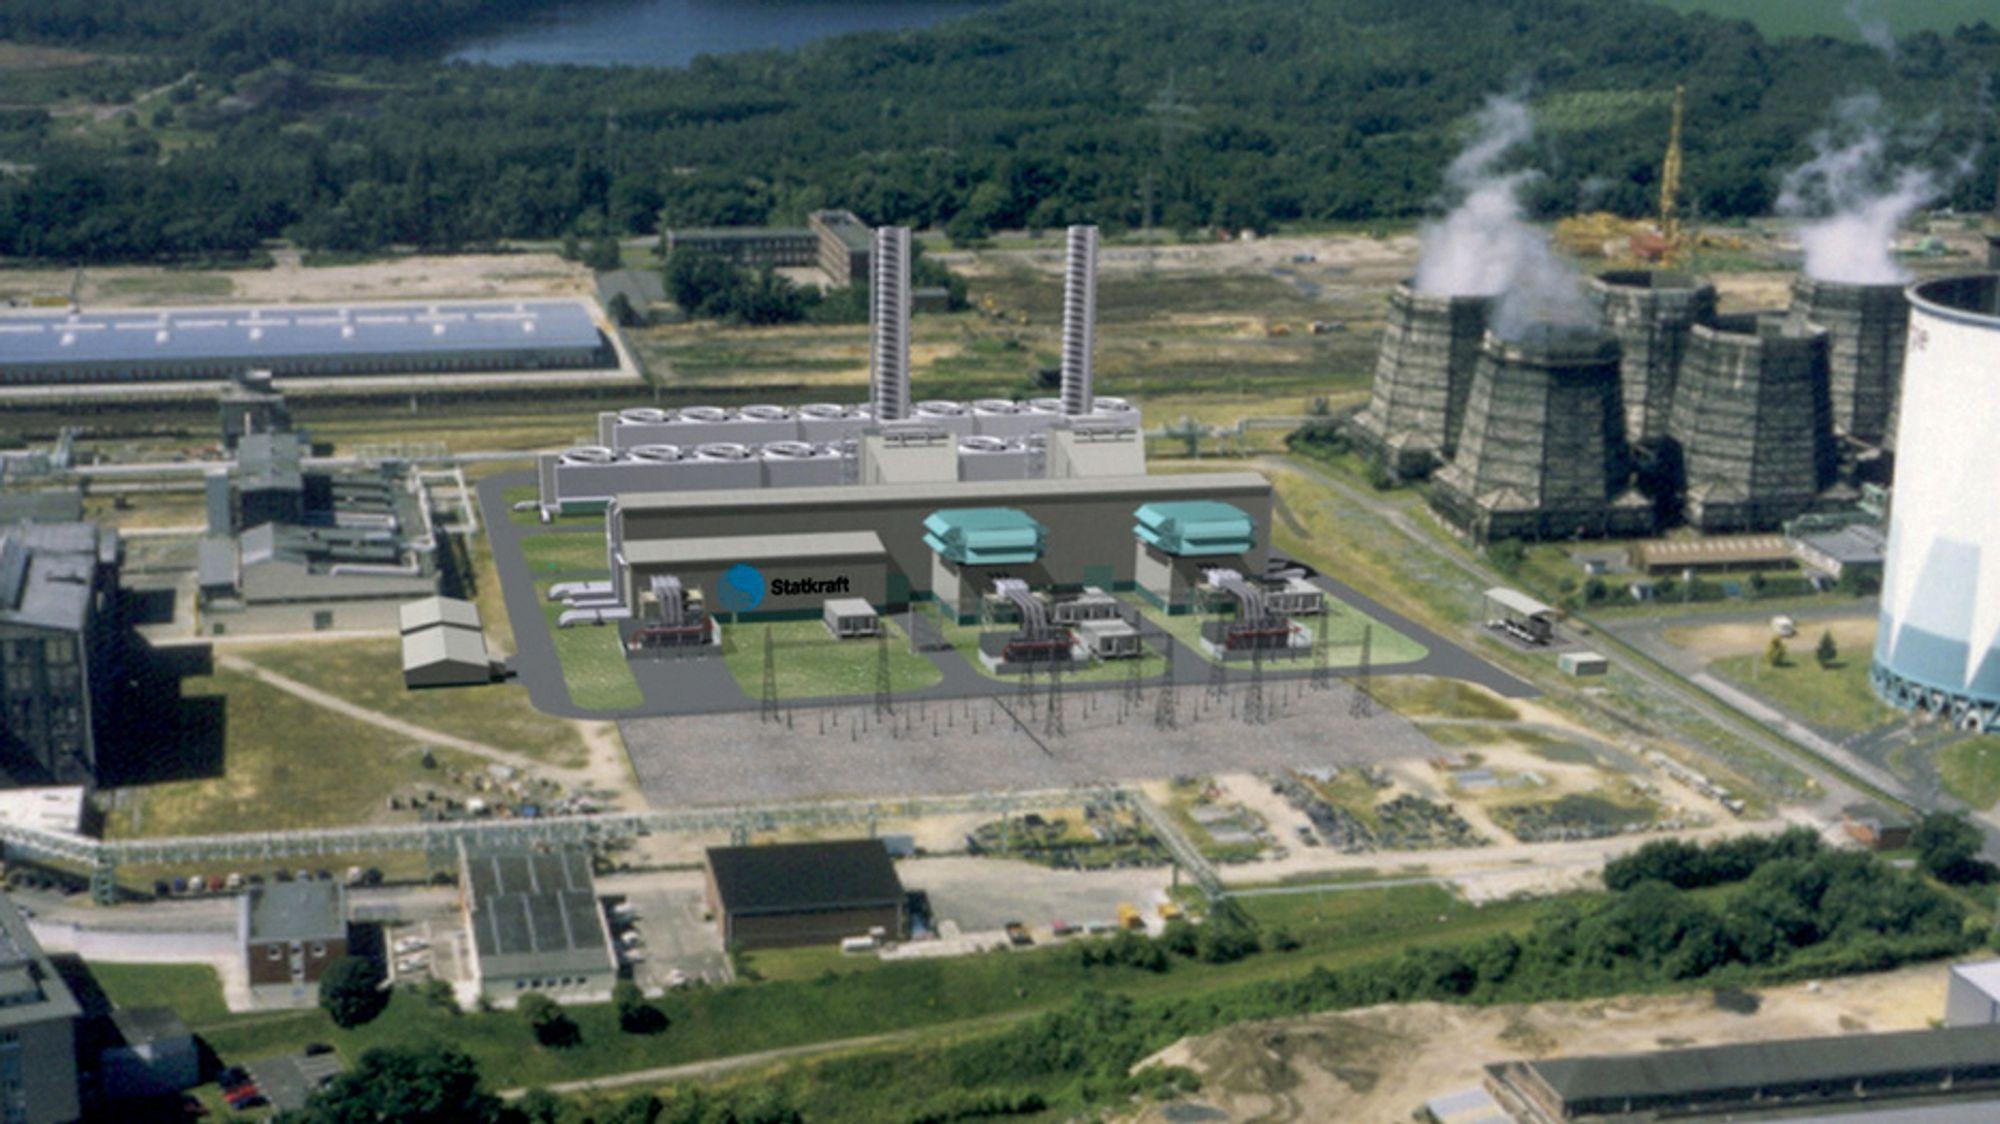 Mens de norske gasskraftverkene legges ned, øker produksjonen hos Statkrafts gasskraftverk i Knapsack  i Tyskland.